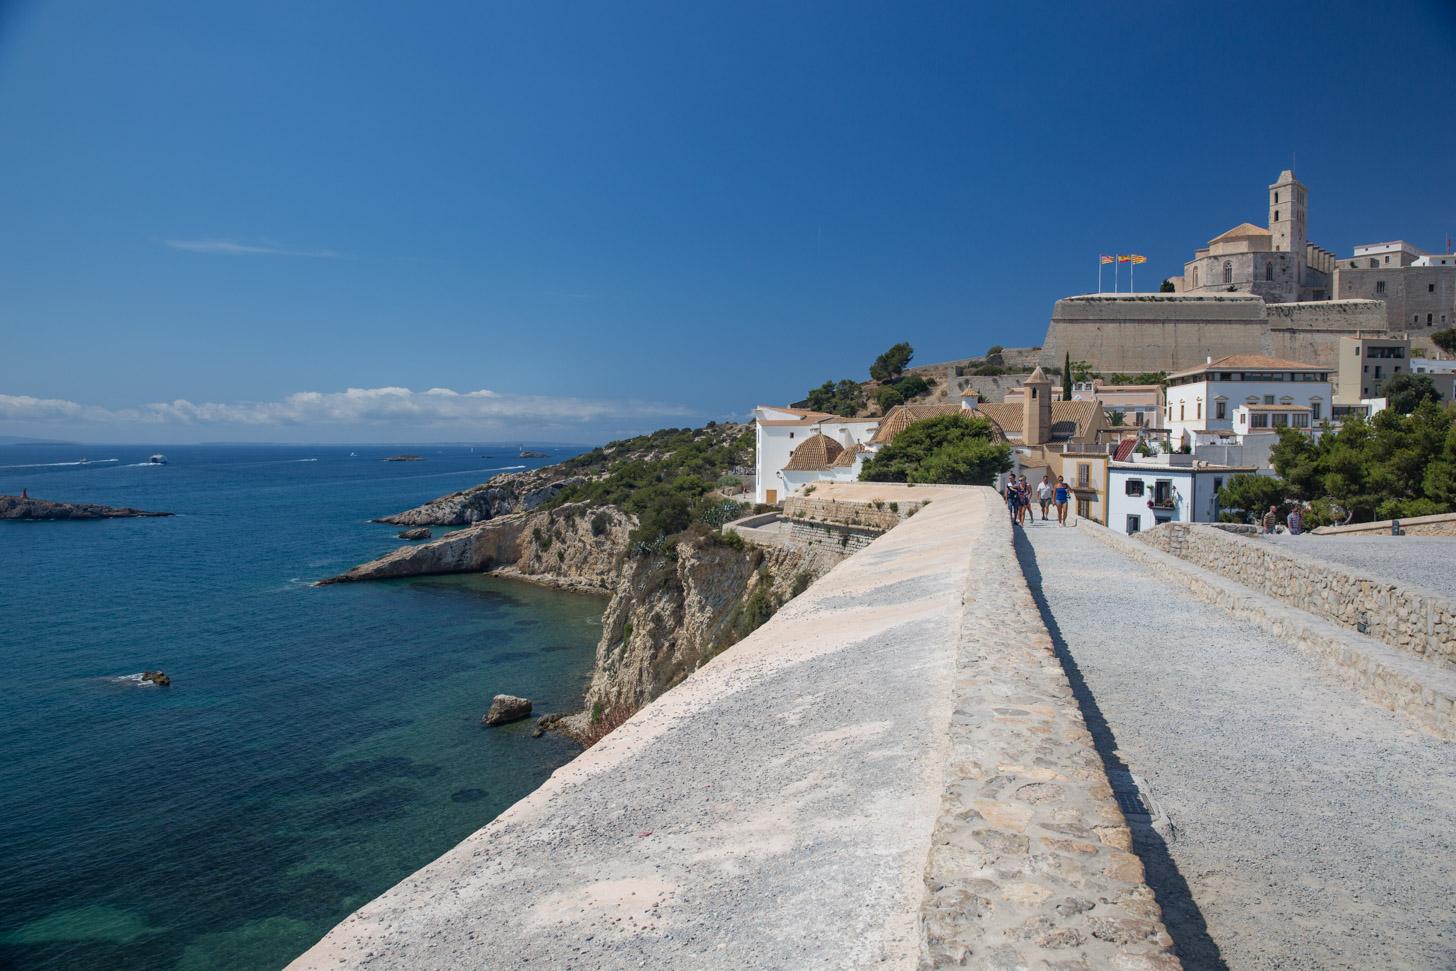 zonnig weer op Ibiza